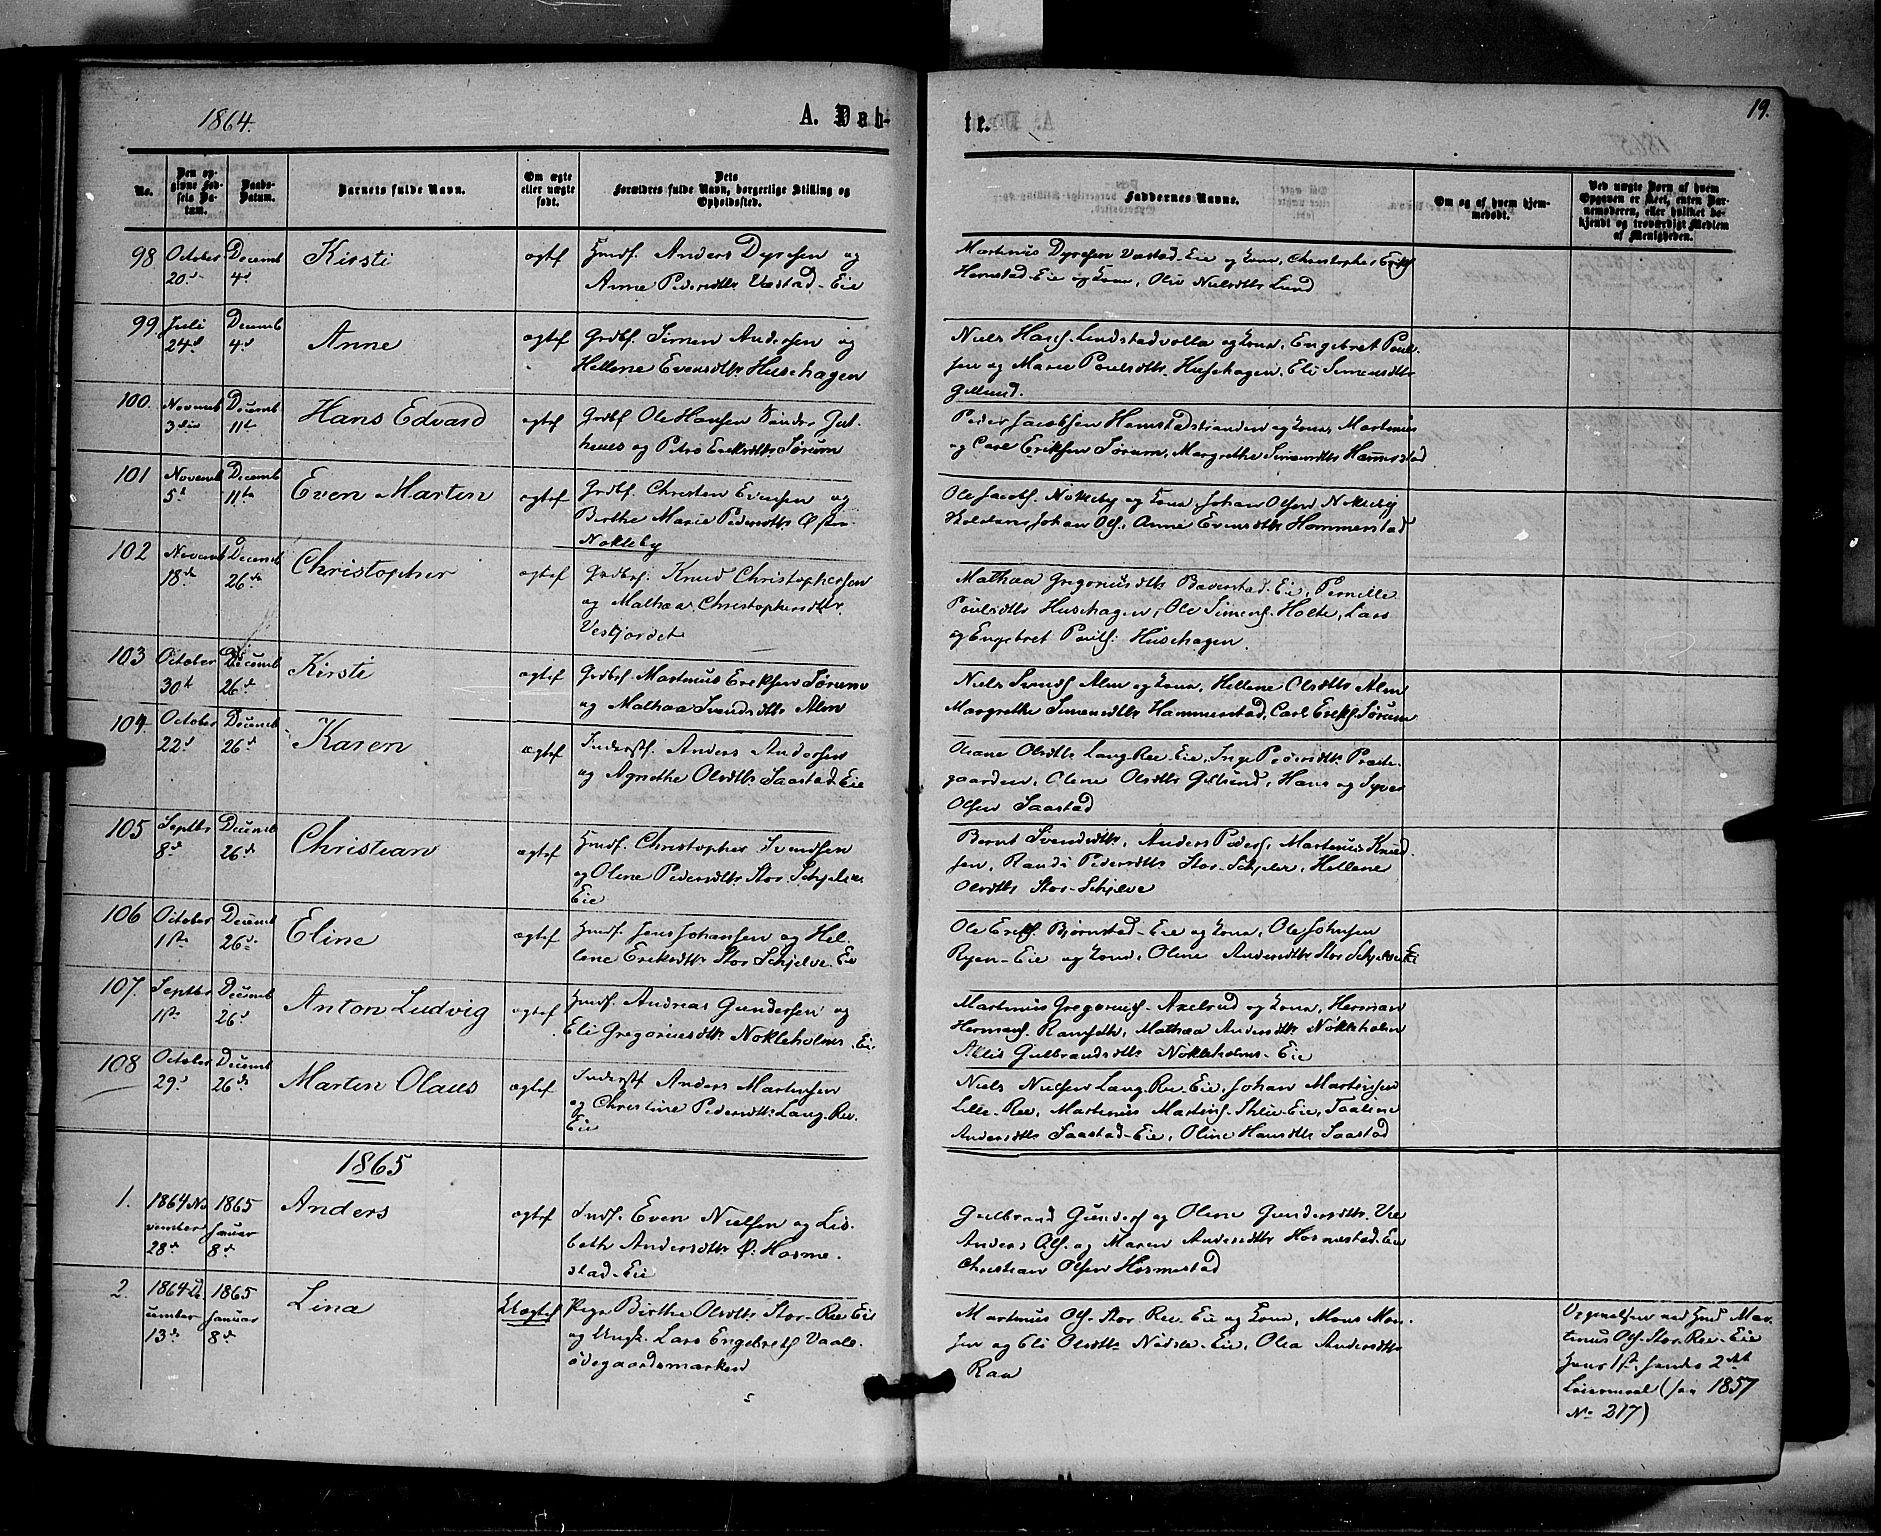 SAH, Stange prestekontor, K/L0013: Parish register (official) no. 13, 1862-1879, p. 19